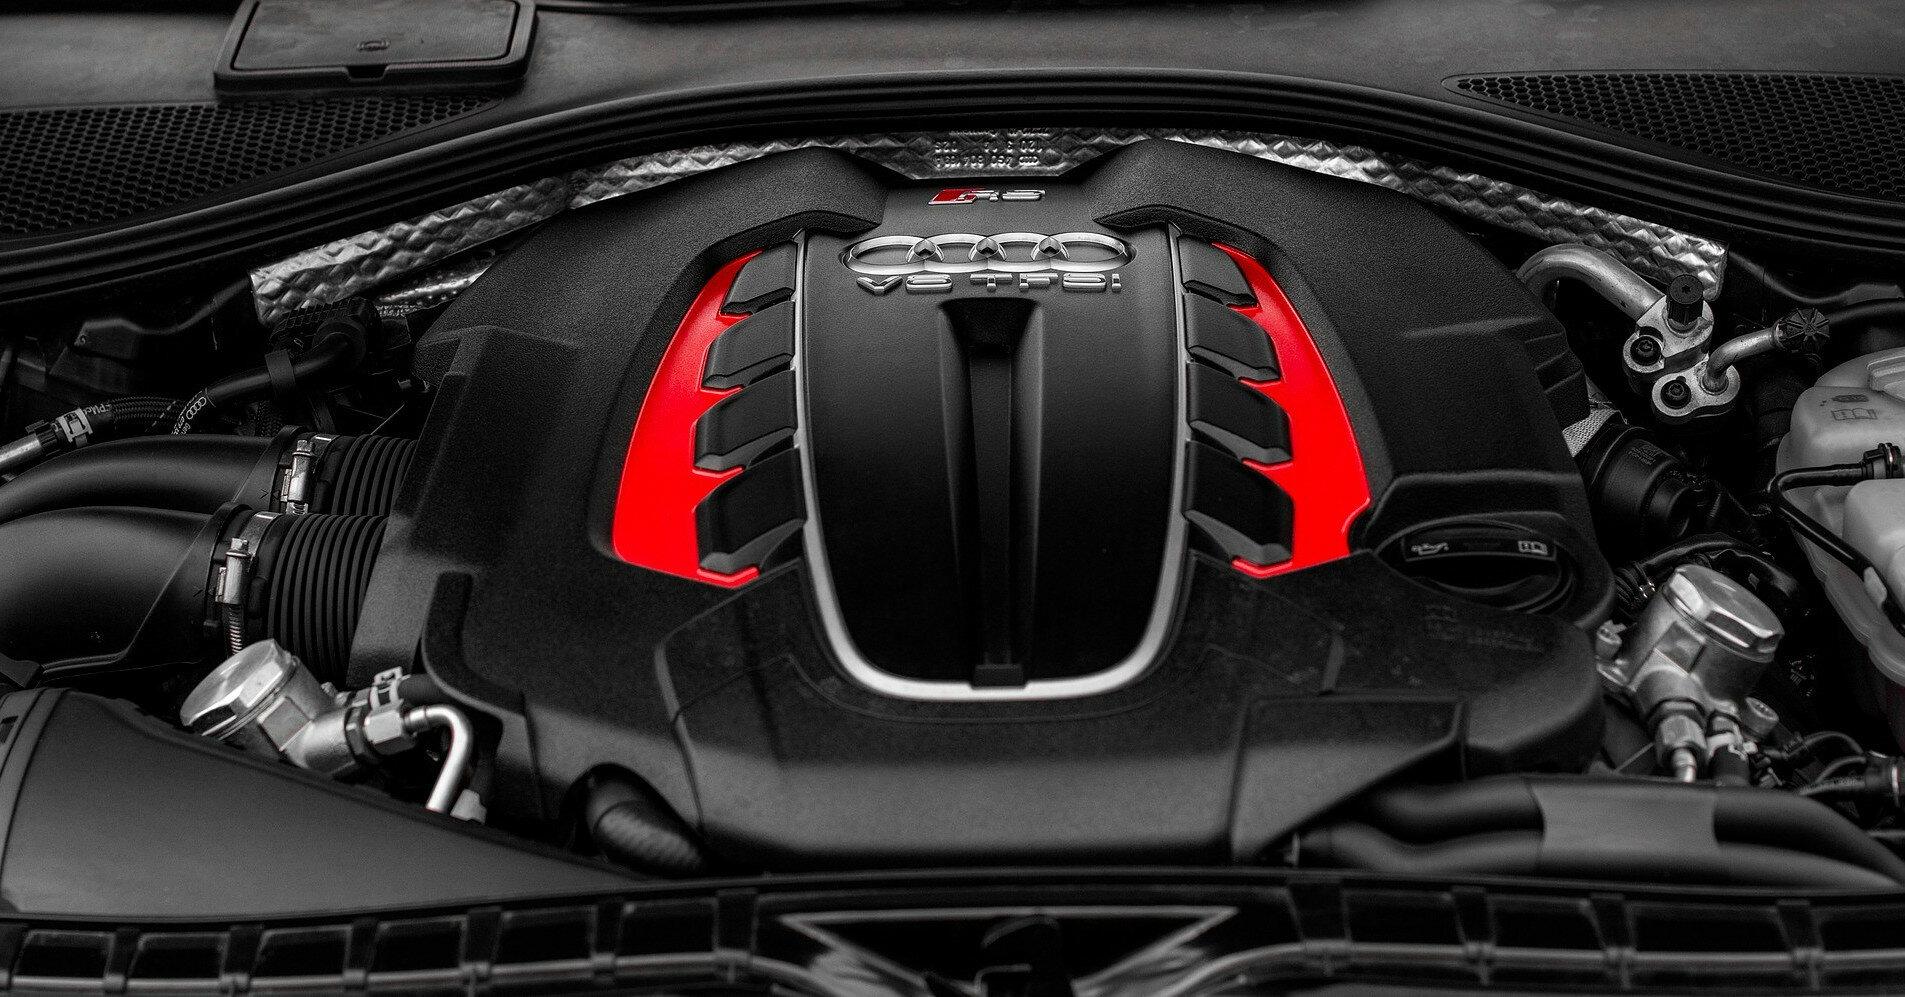 Чип-тюнинг автомобиля: что это и чем он опасен